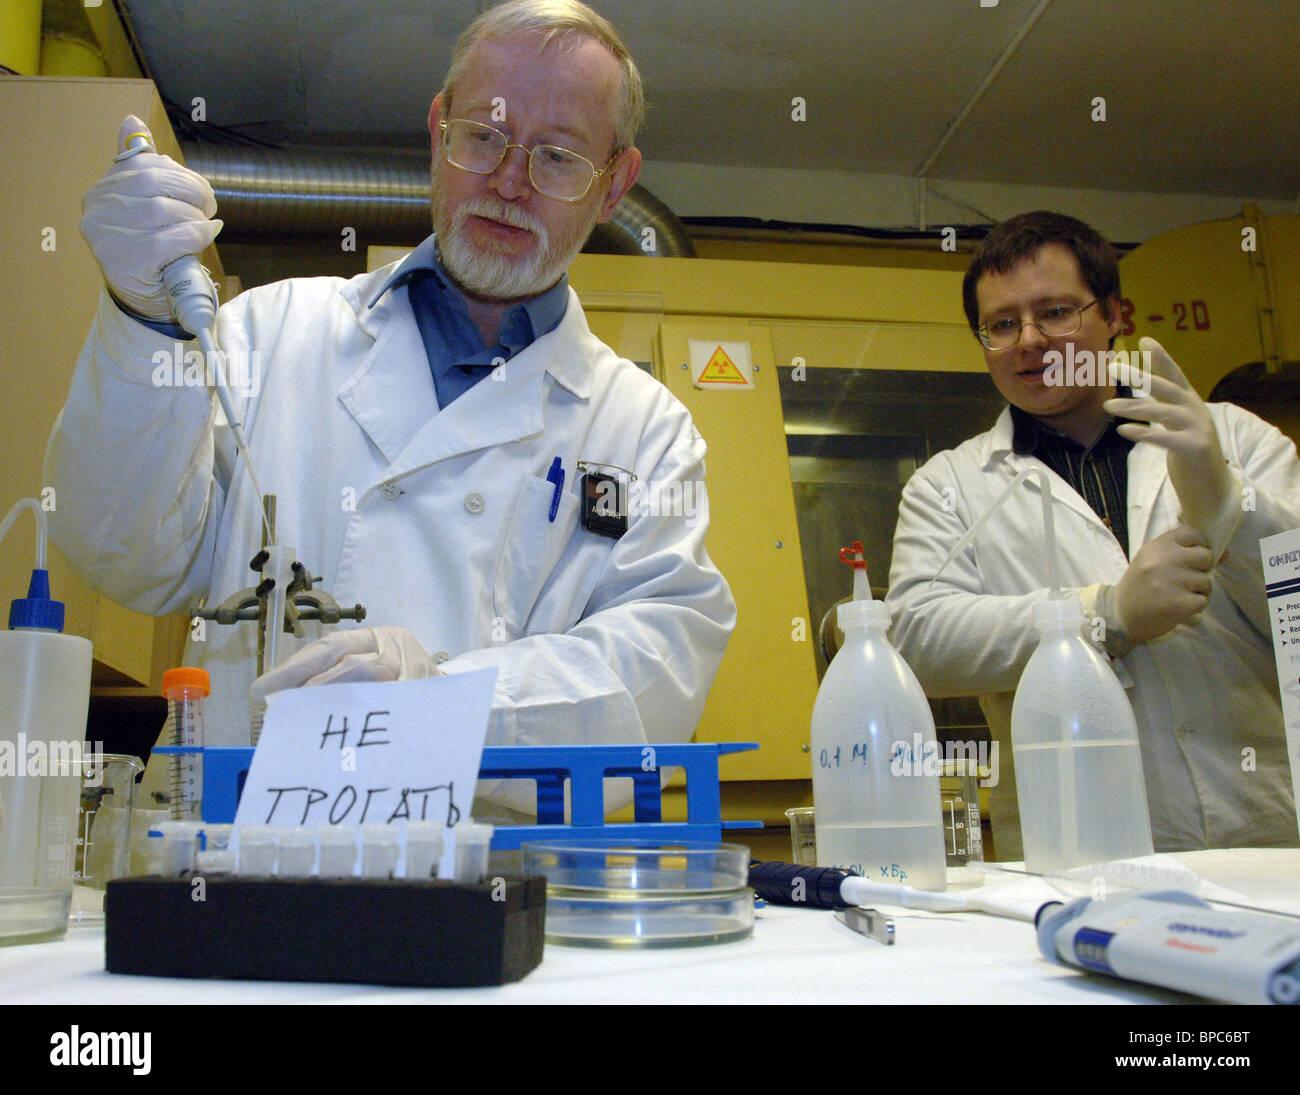 Entdeckung neuer Elemente, Periodensystem in Dubna bestätigt hinzugefügt werden soll Stockbild